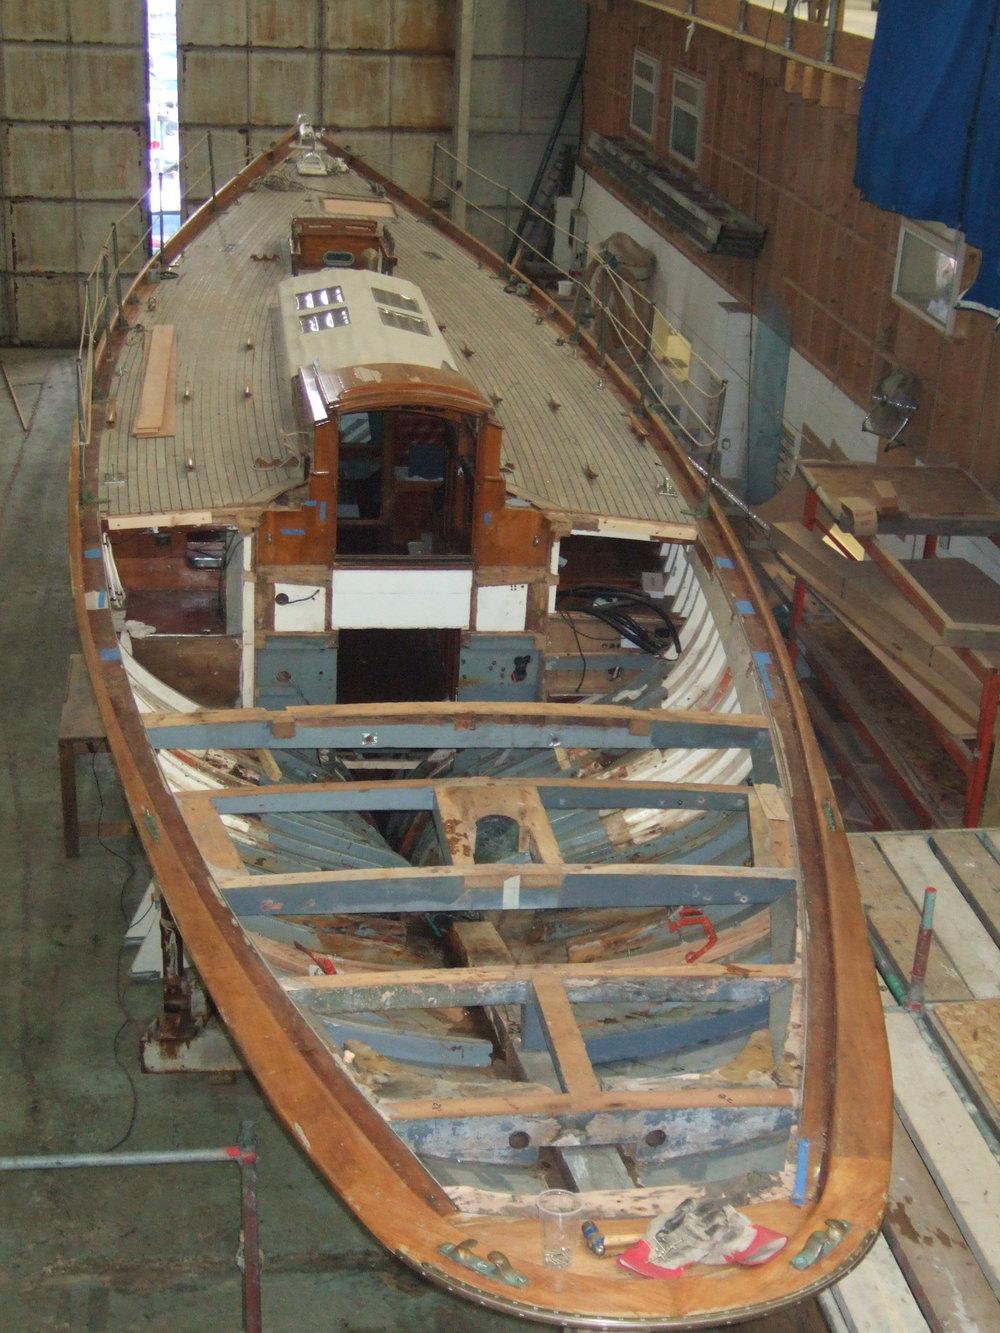 Mylne yacht Kelpie under restoration at Fairlie Yachts